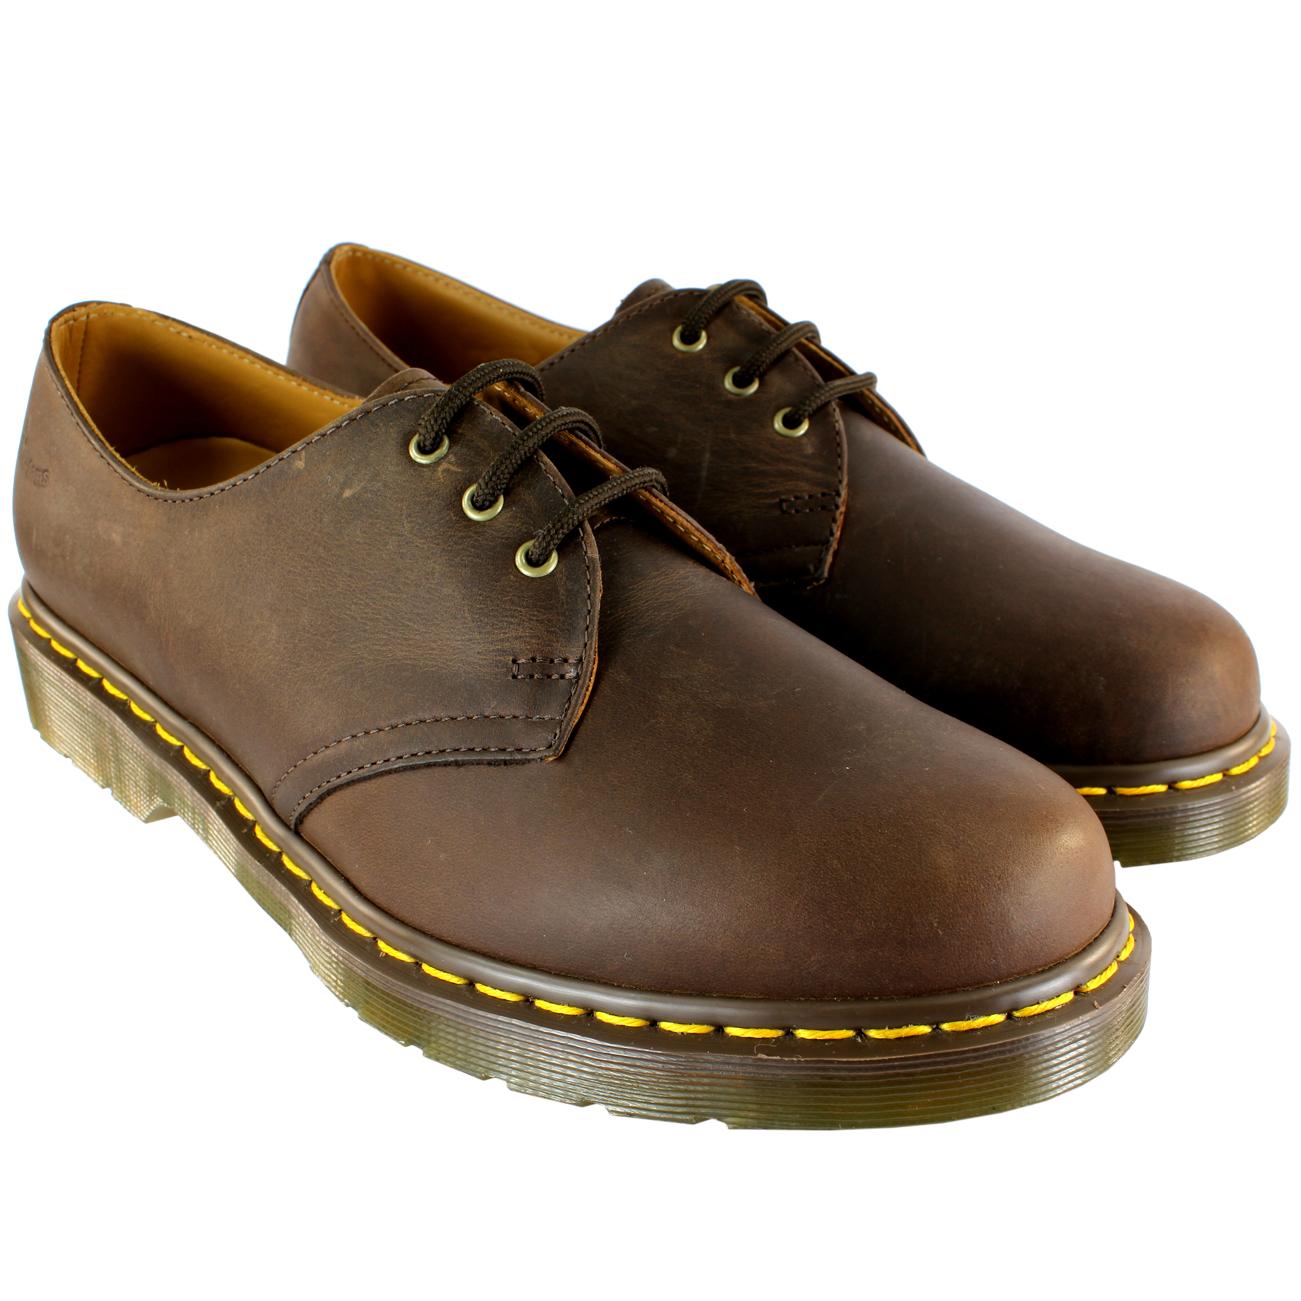 Dr Martens 1461 Flat Shoes